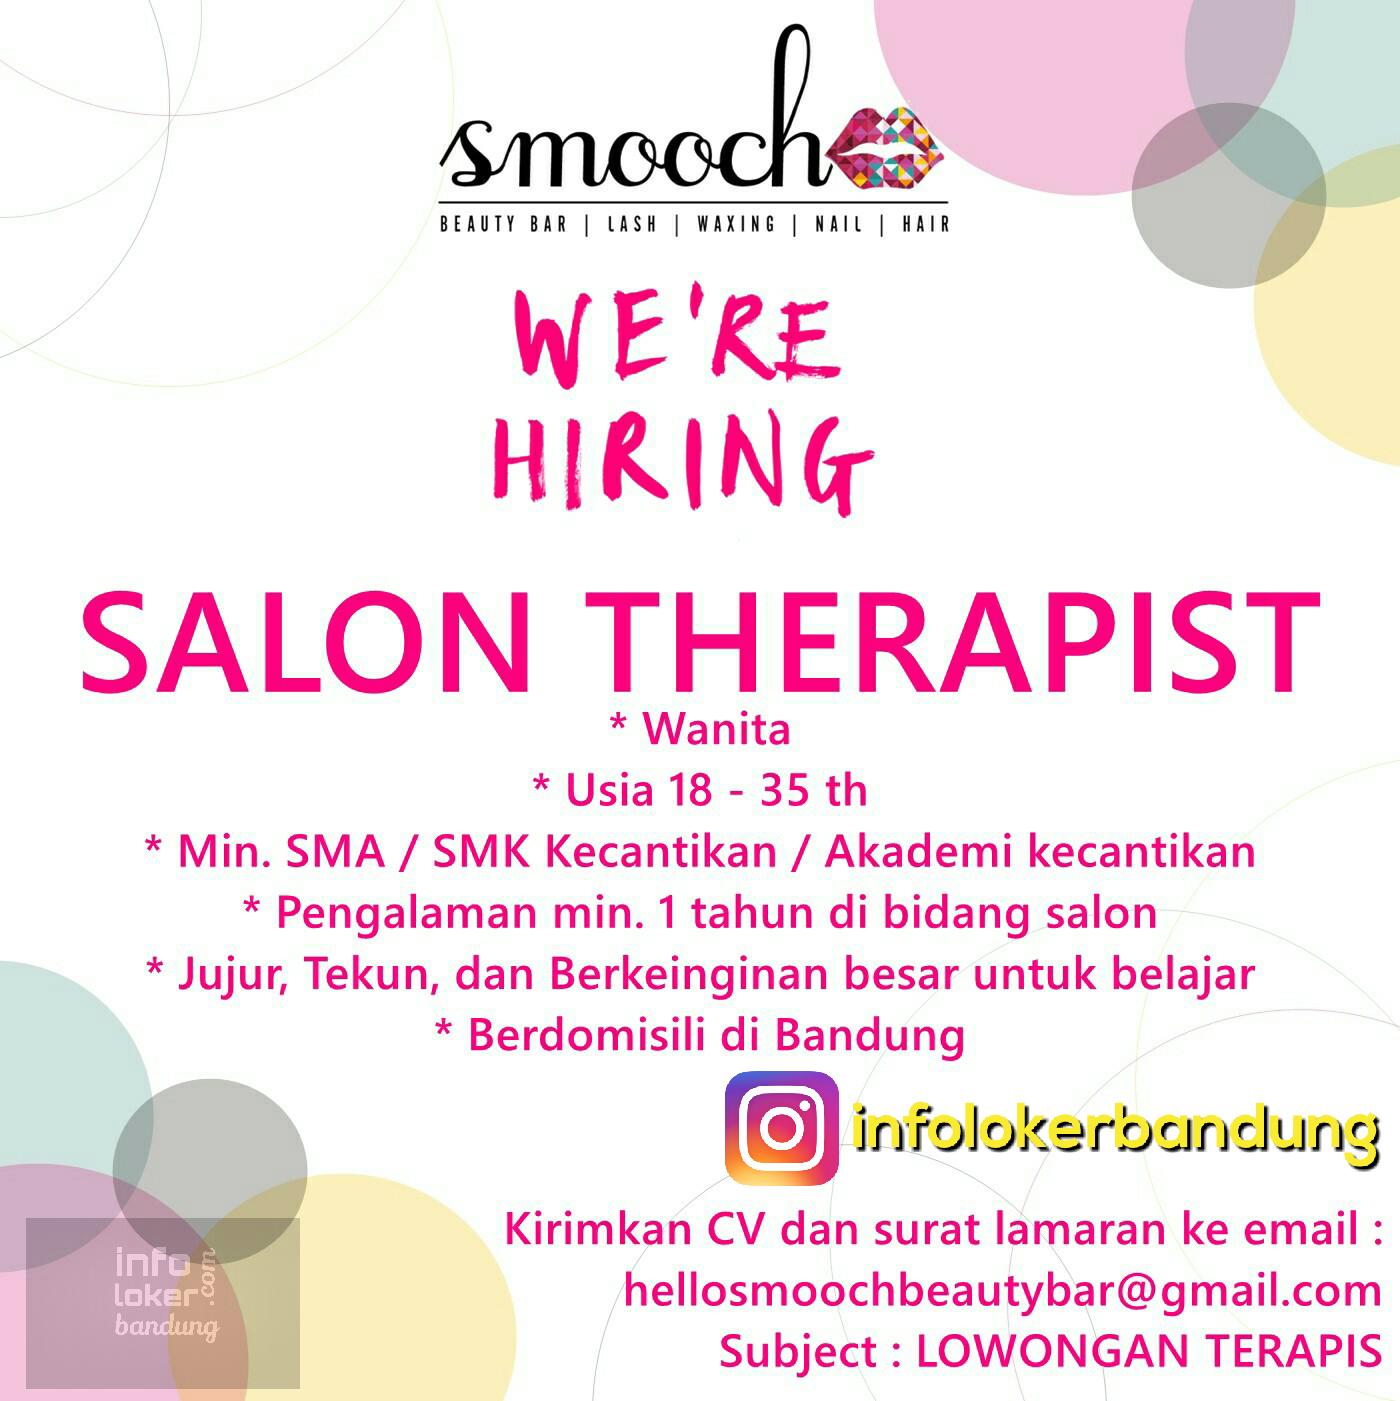 Lowongan Kerja Smooch Beauty Bar Bandung Maret 2017